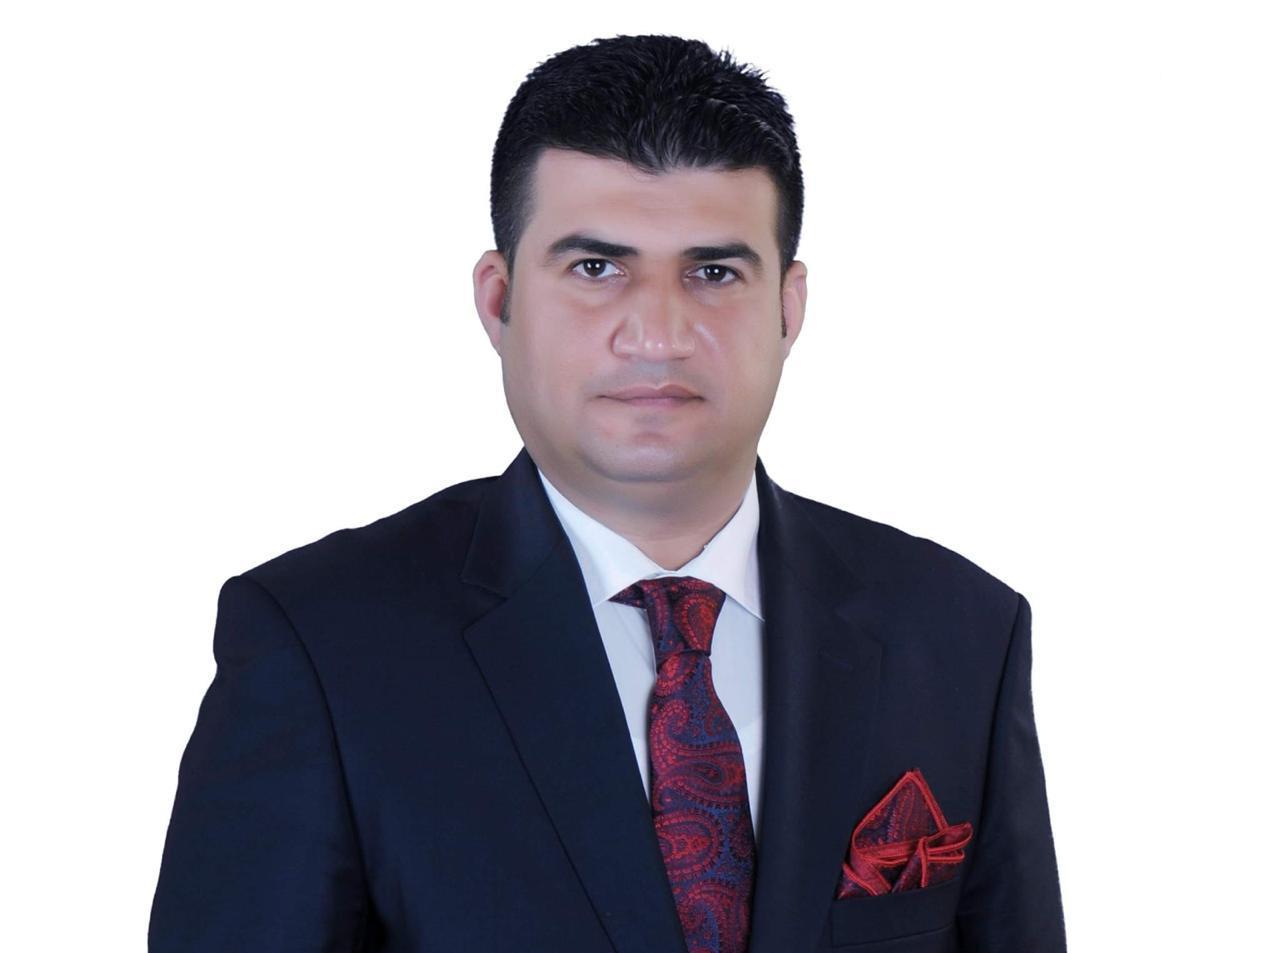 الديمقراطي الكردستاني: عازمون على حل جميع الملفات العالقة مع بغداد لكننا لا نقبل بفرض الإرادة